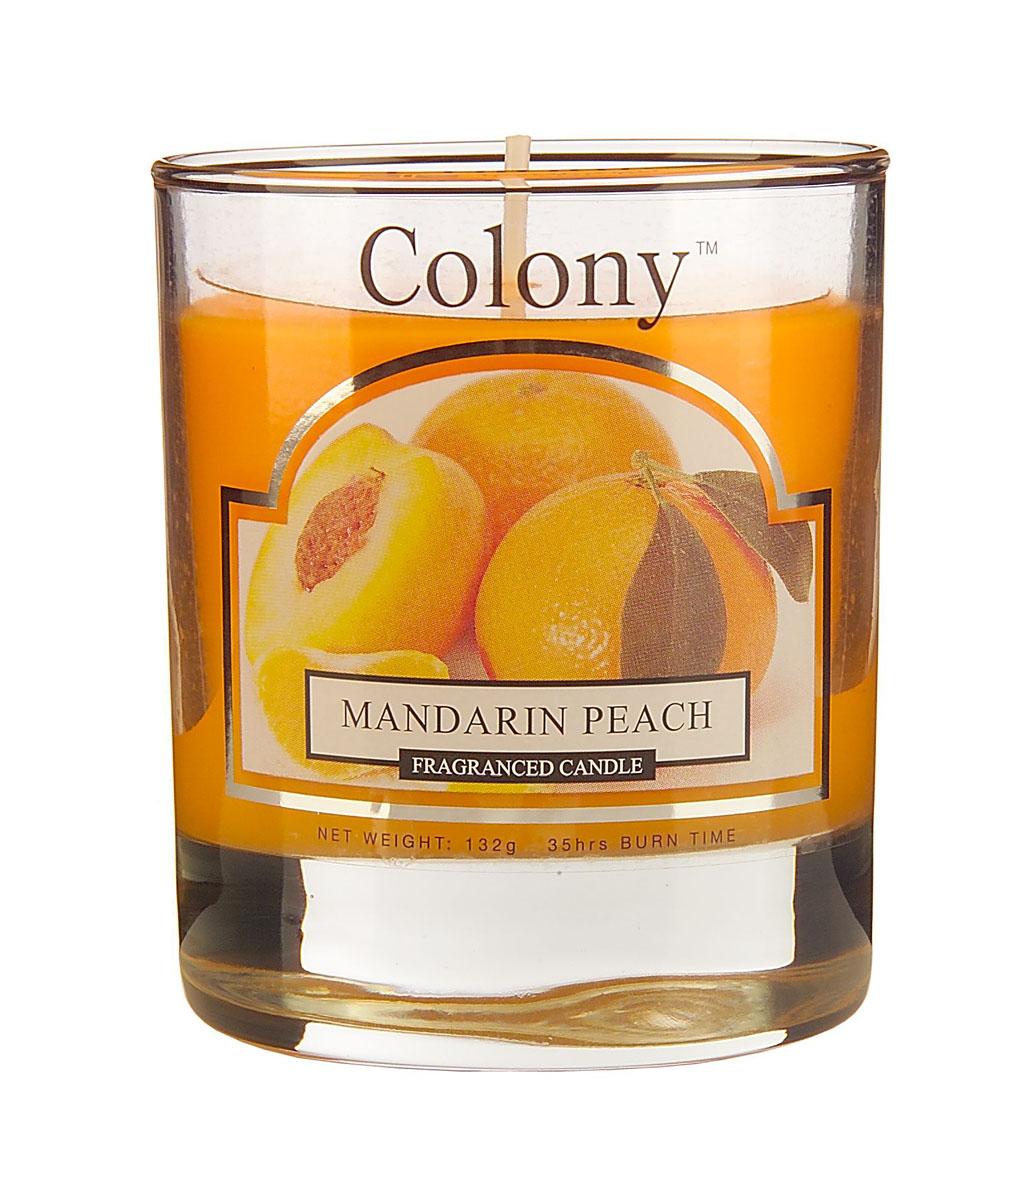 Wax Lyrical Мандарин и персик ароматизированная свеча в стекле малая, 35 часов wax depilatory